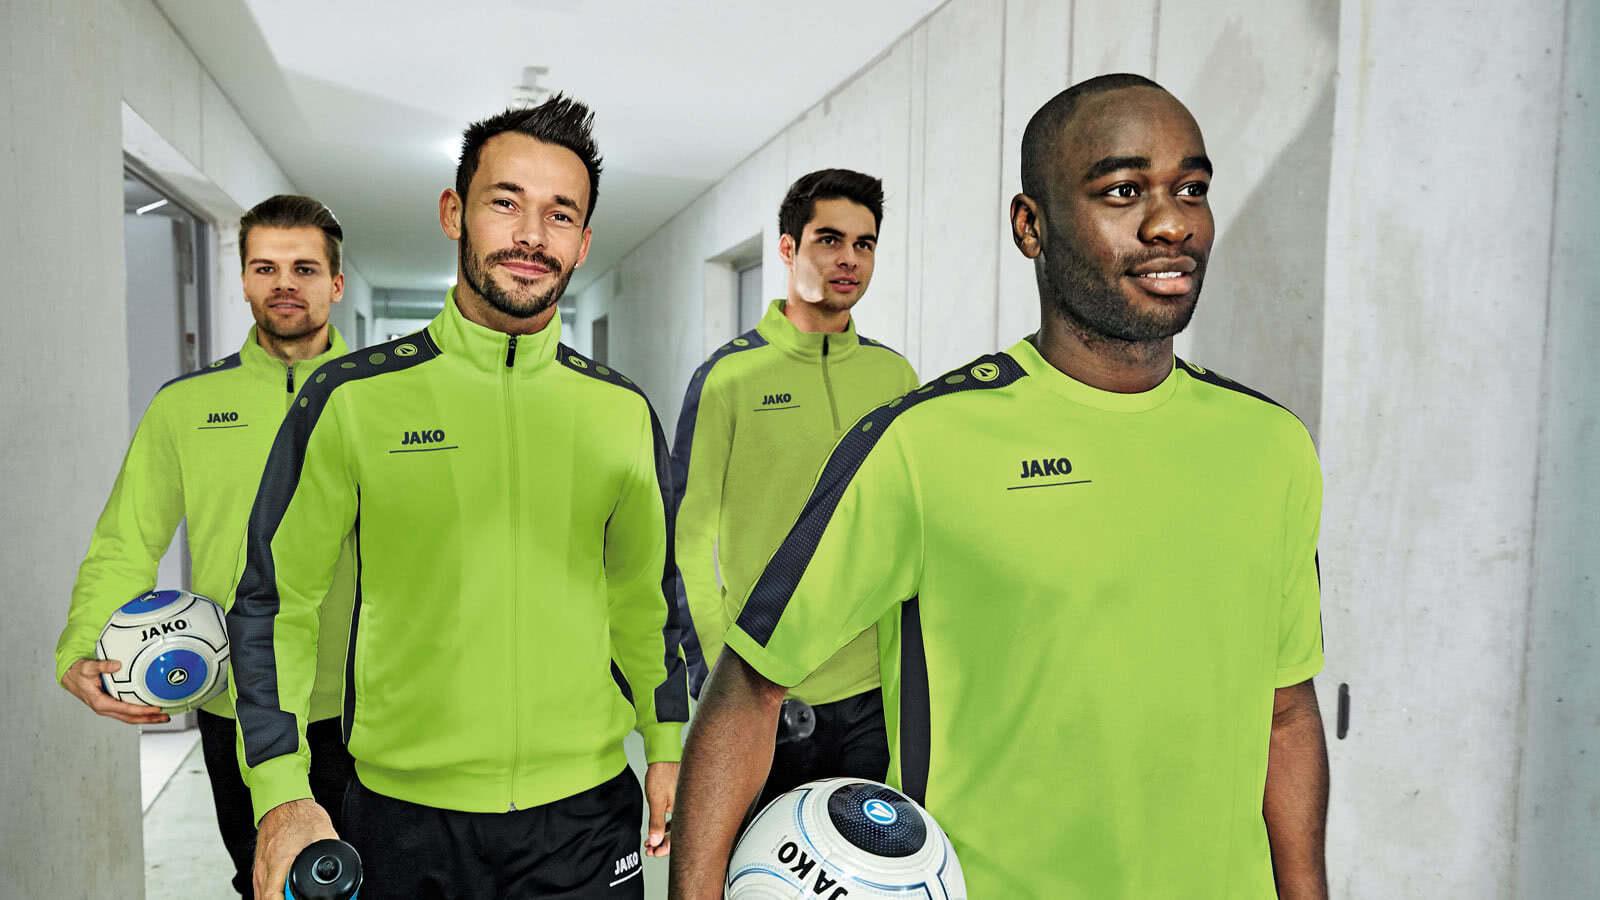 33de08bdb0c085 Jako Striker Teamline Sportbekleidung für alle Sportarten